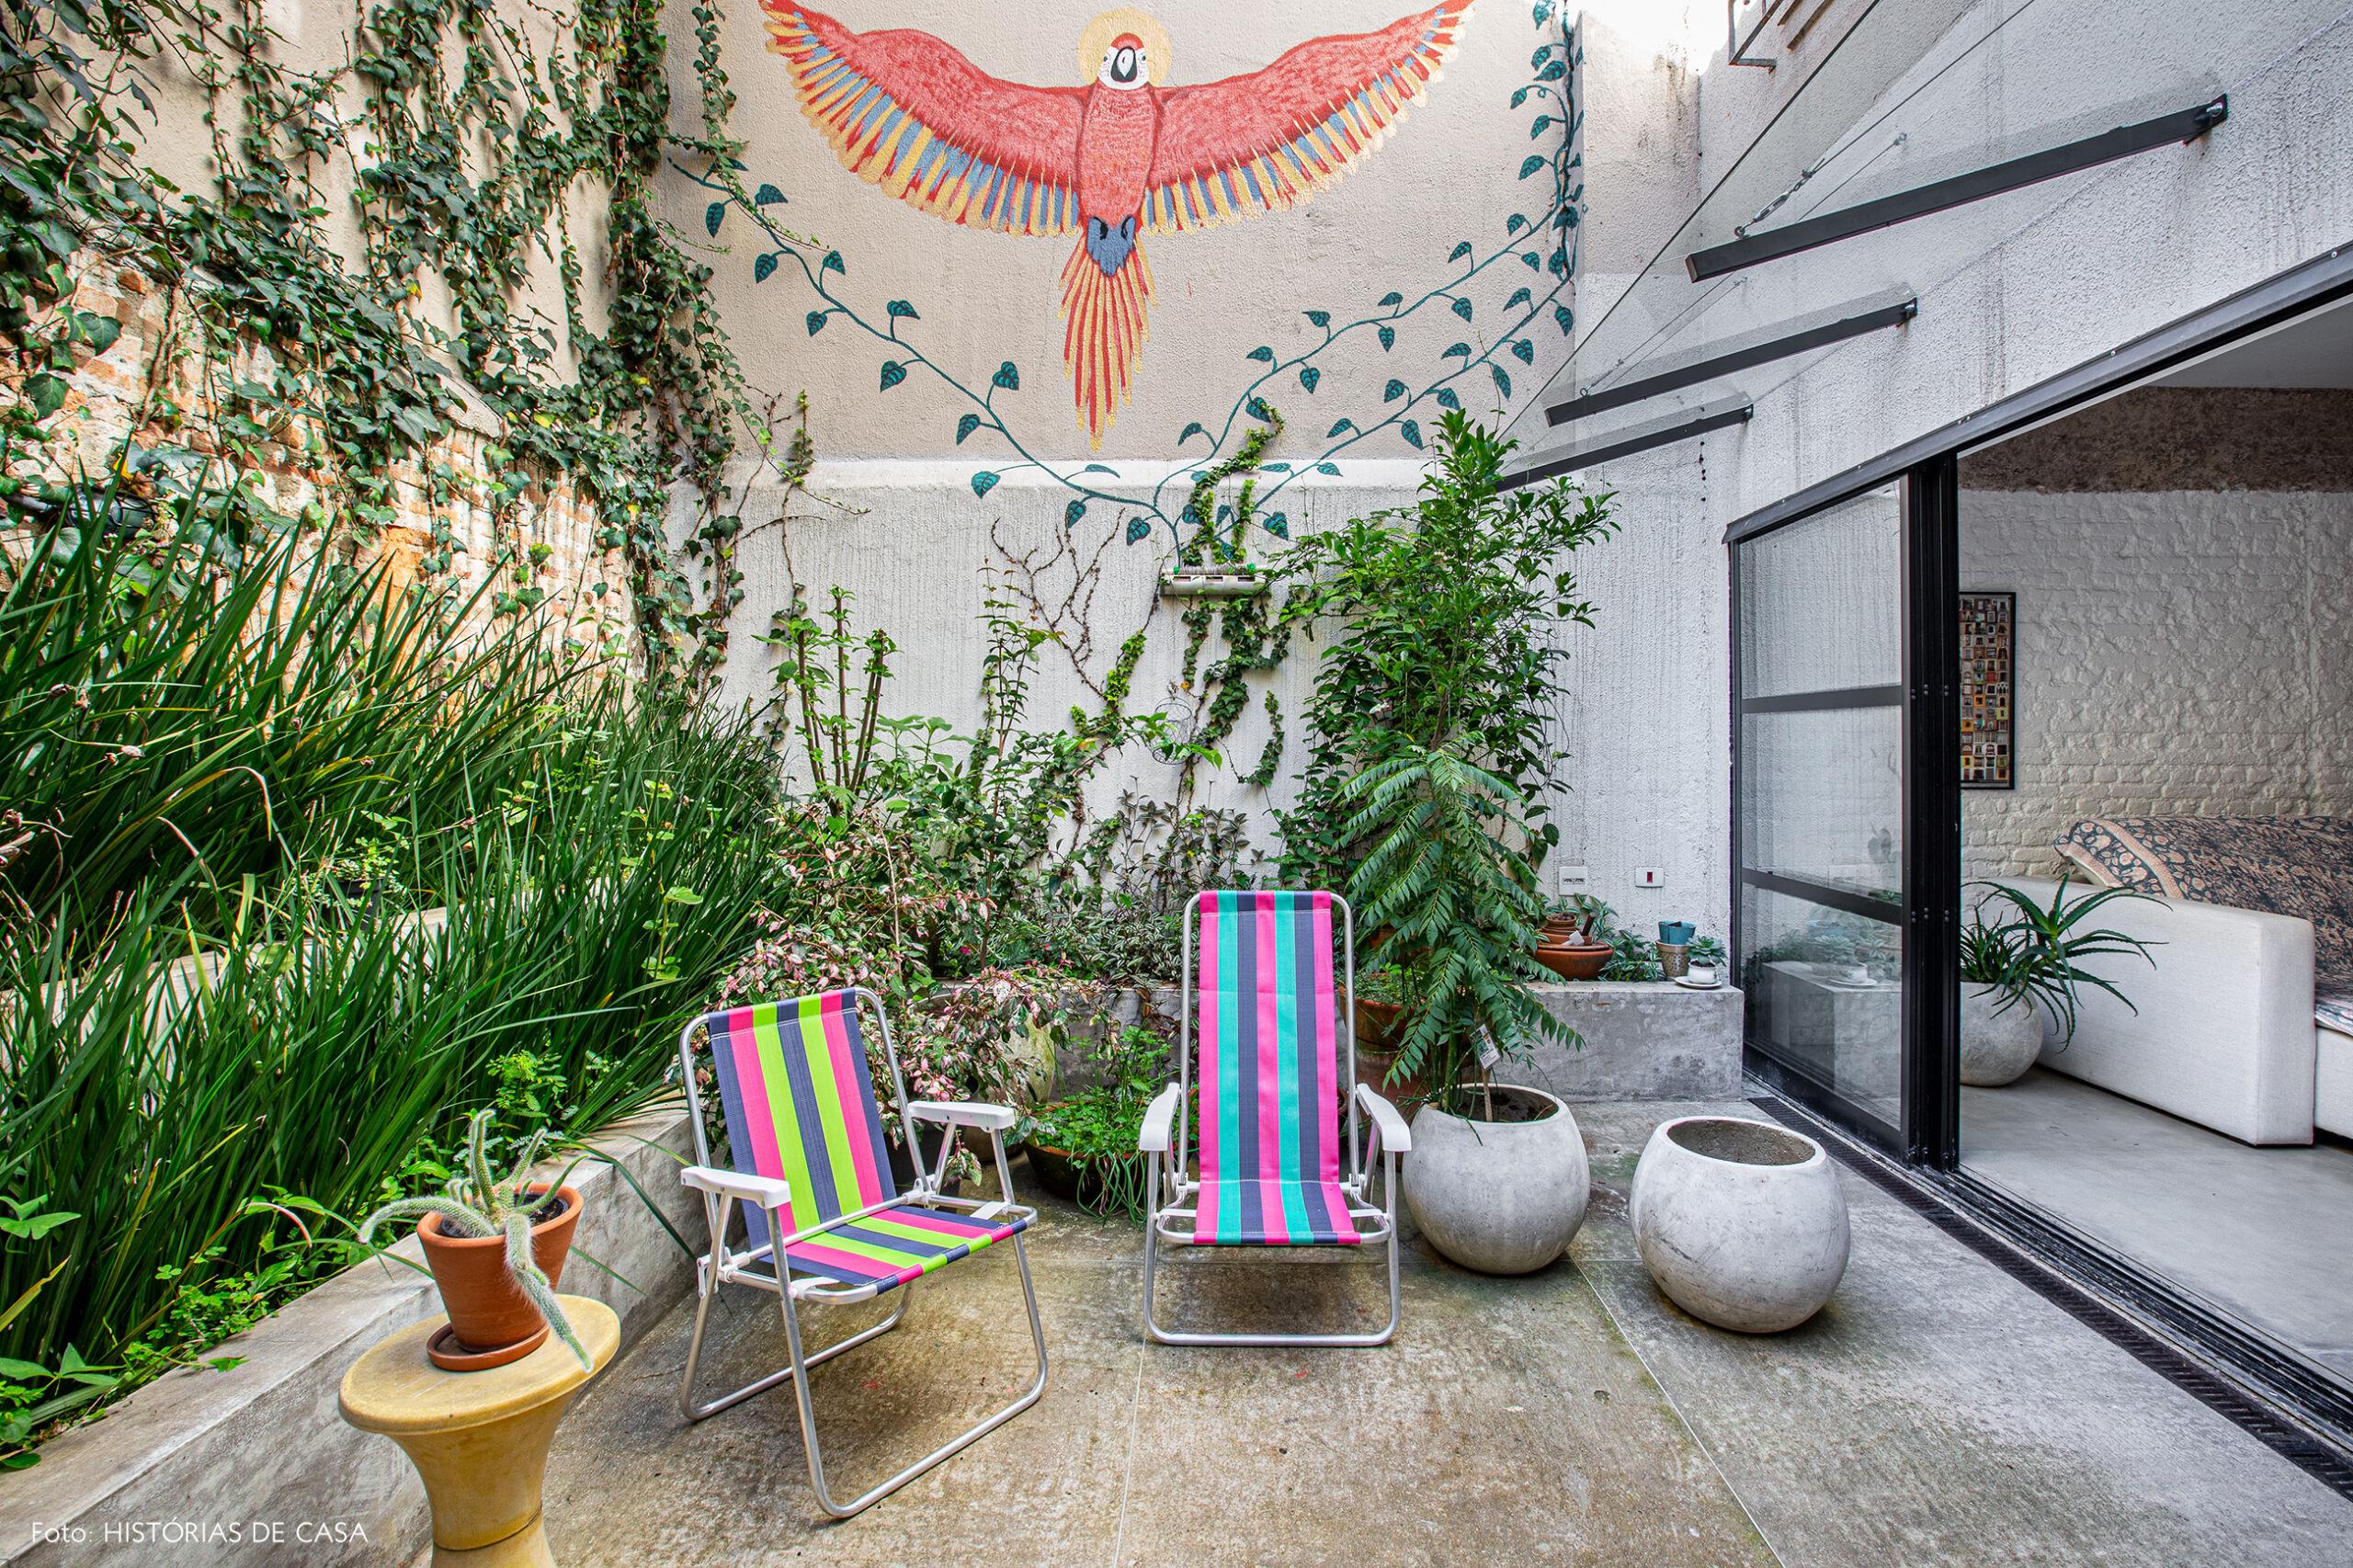 Apartamento térreo com quintal e jardim cheio de plantas